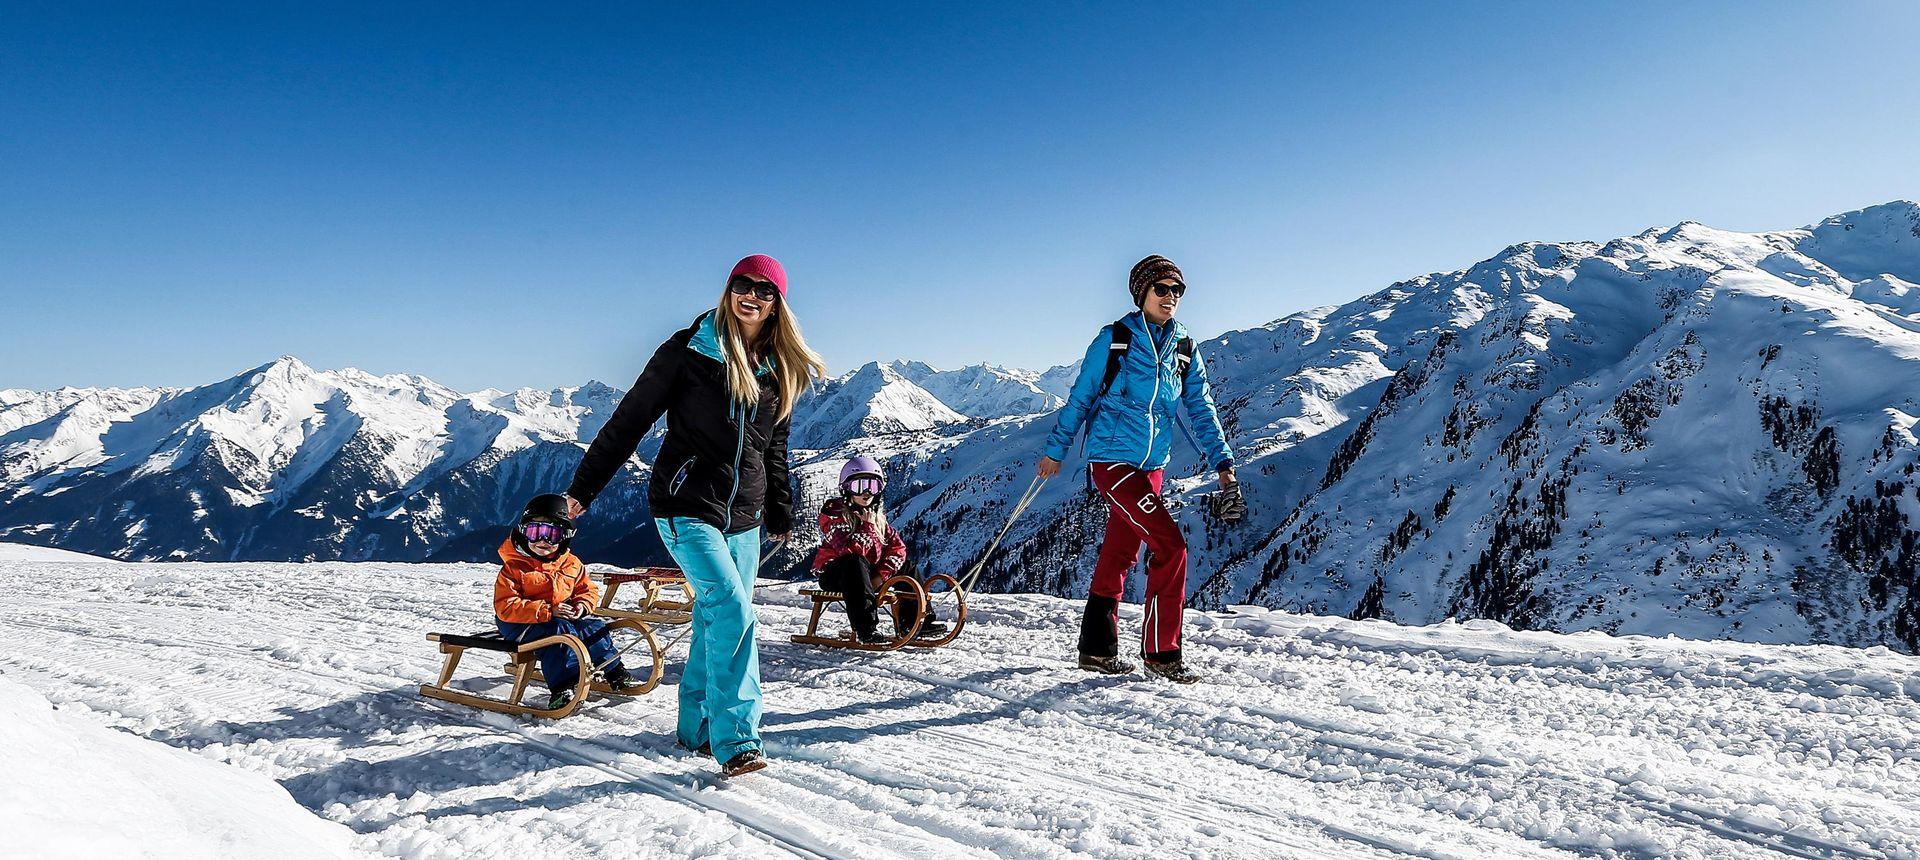 Archiv TVB Mayrhofen-Hippach: Rodeln mit der ganzen Familie ©Dominic Ebenbichler